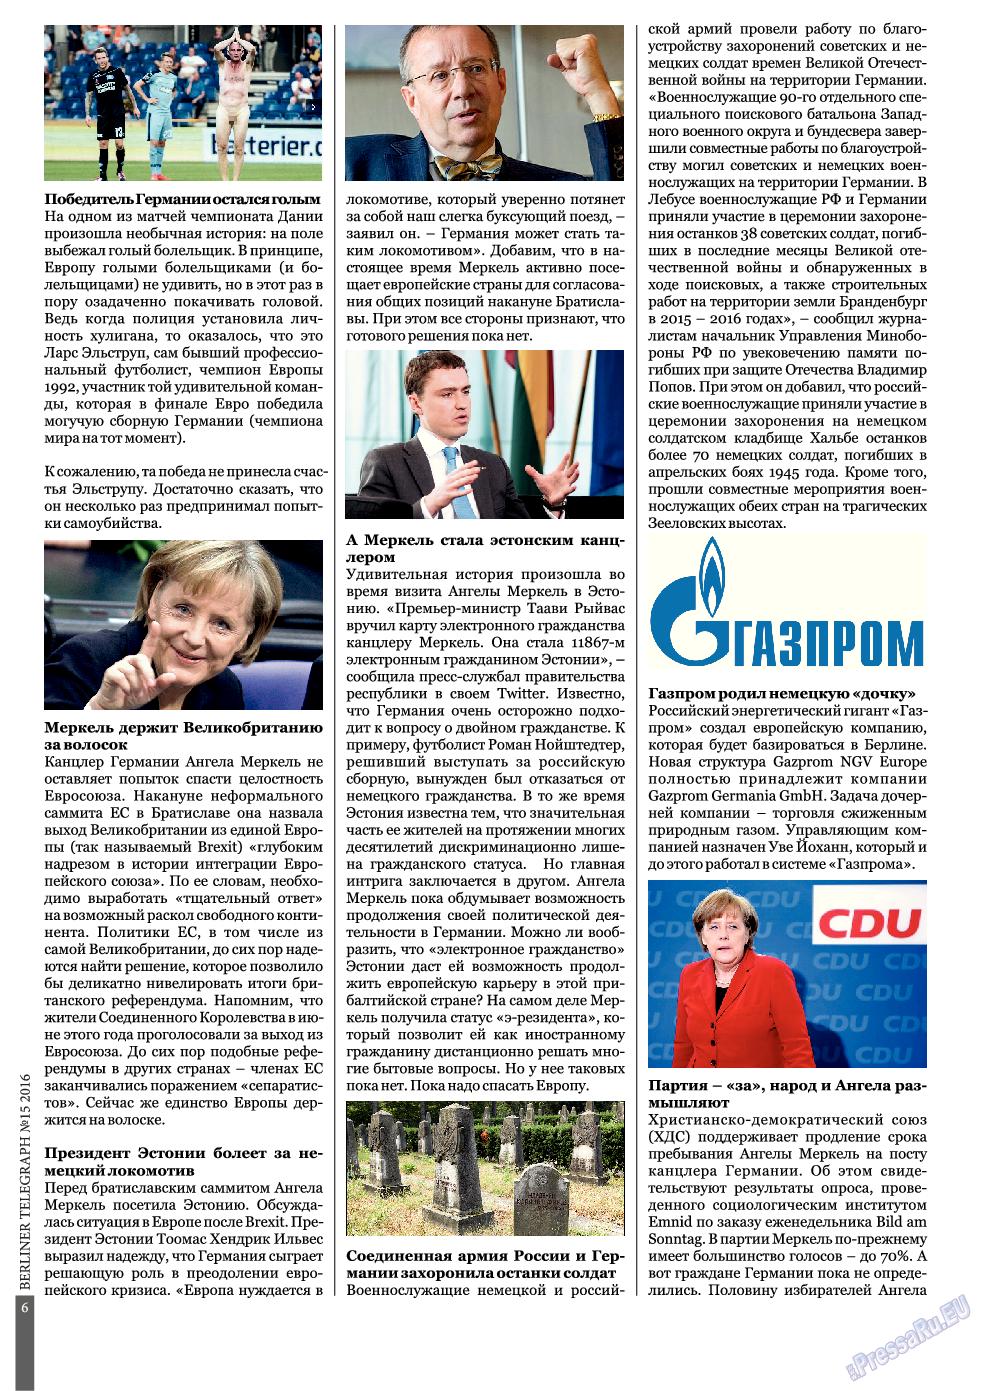 Берлинский телеграф (журнал). 2016 год, номер 15, стр. 6